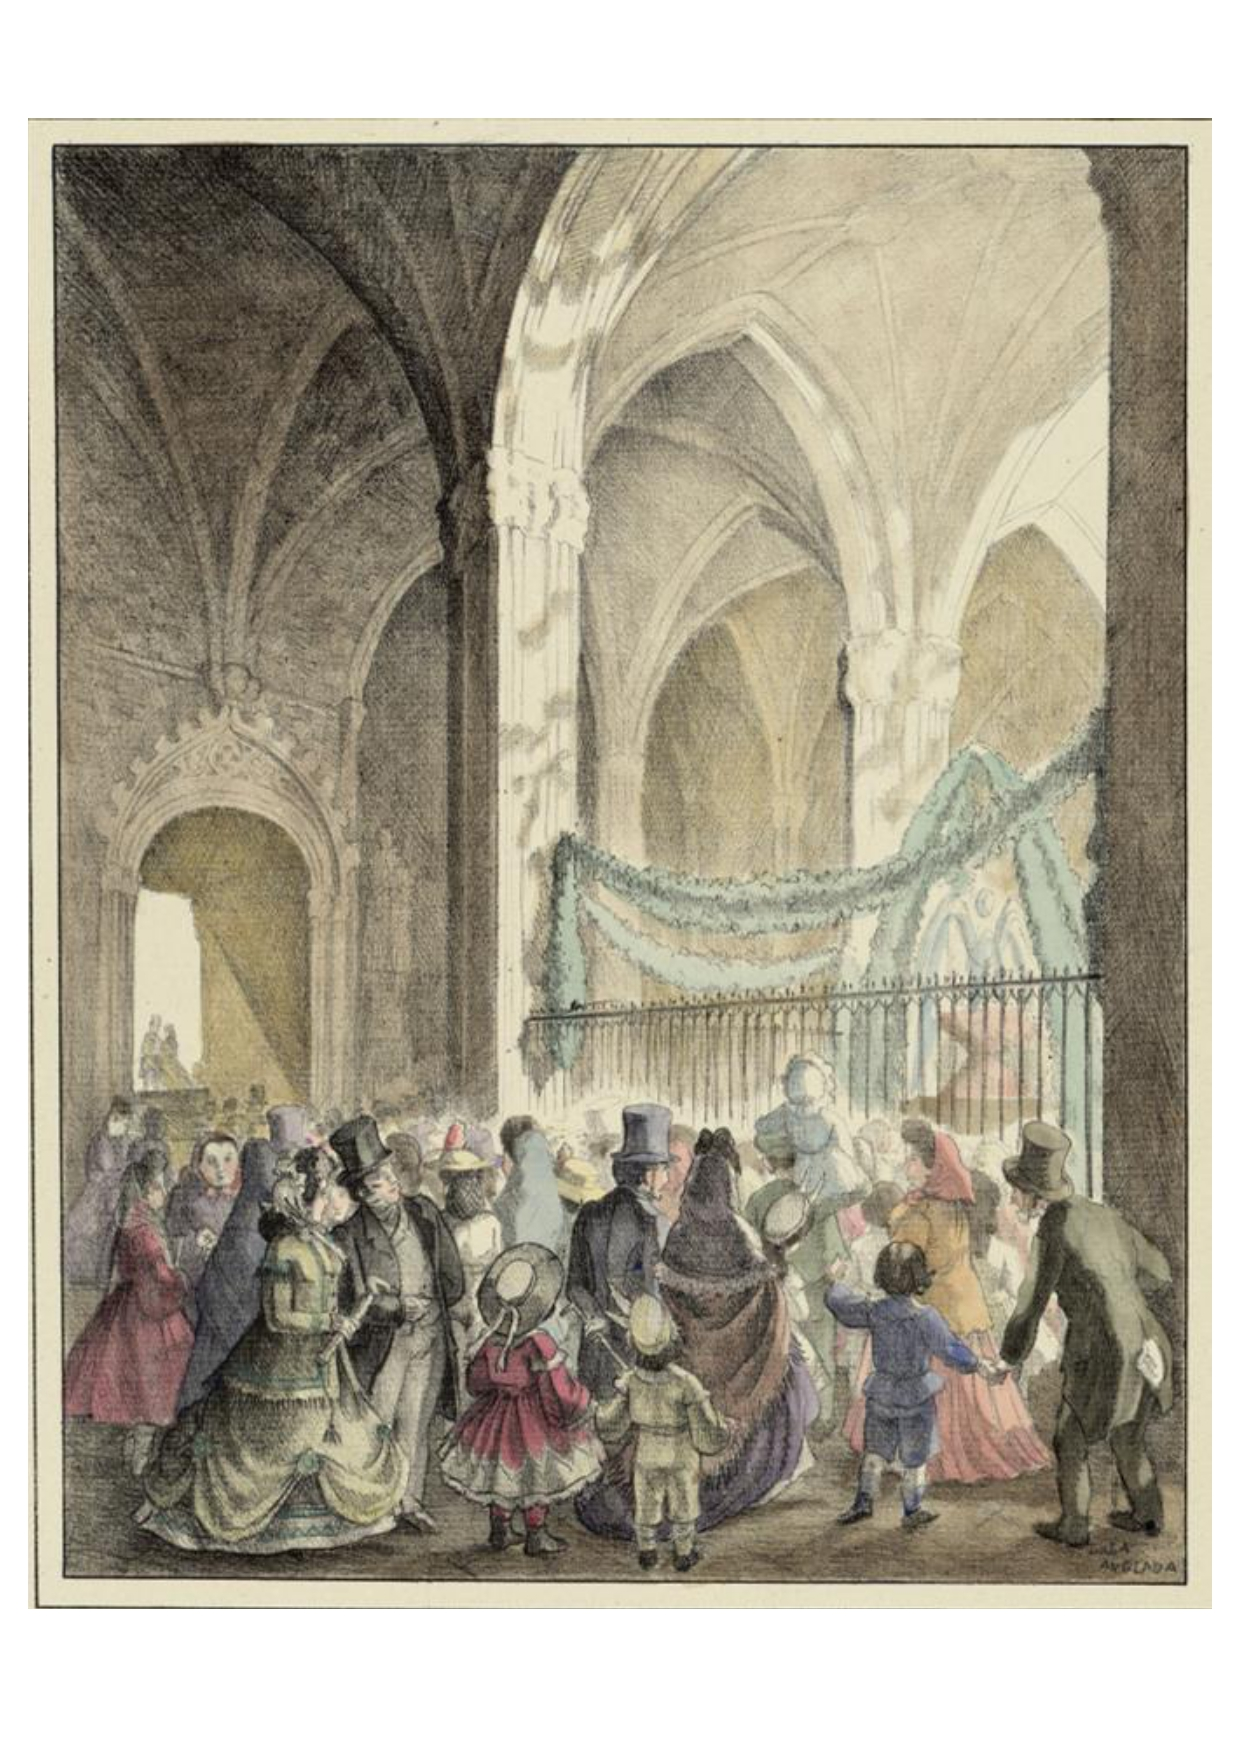 Claustre de la Seu en la festivitat de Corpus. Recreació del 1830. AHCB Dibuix L. Anglada. AHCB 11799 (5)